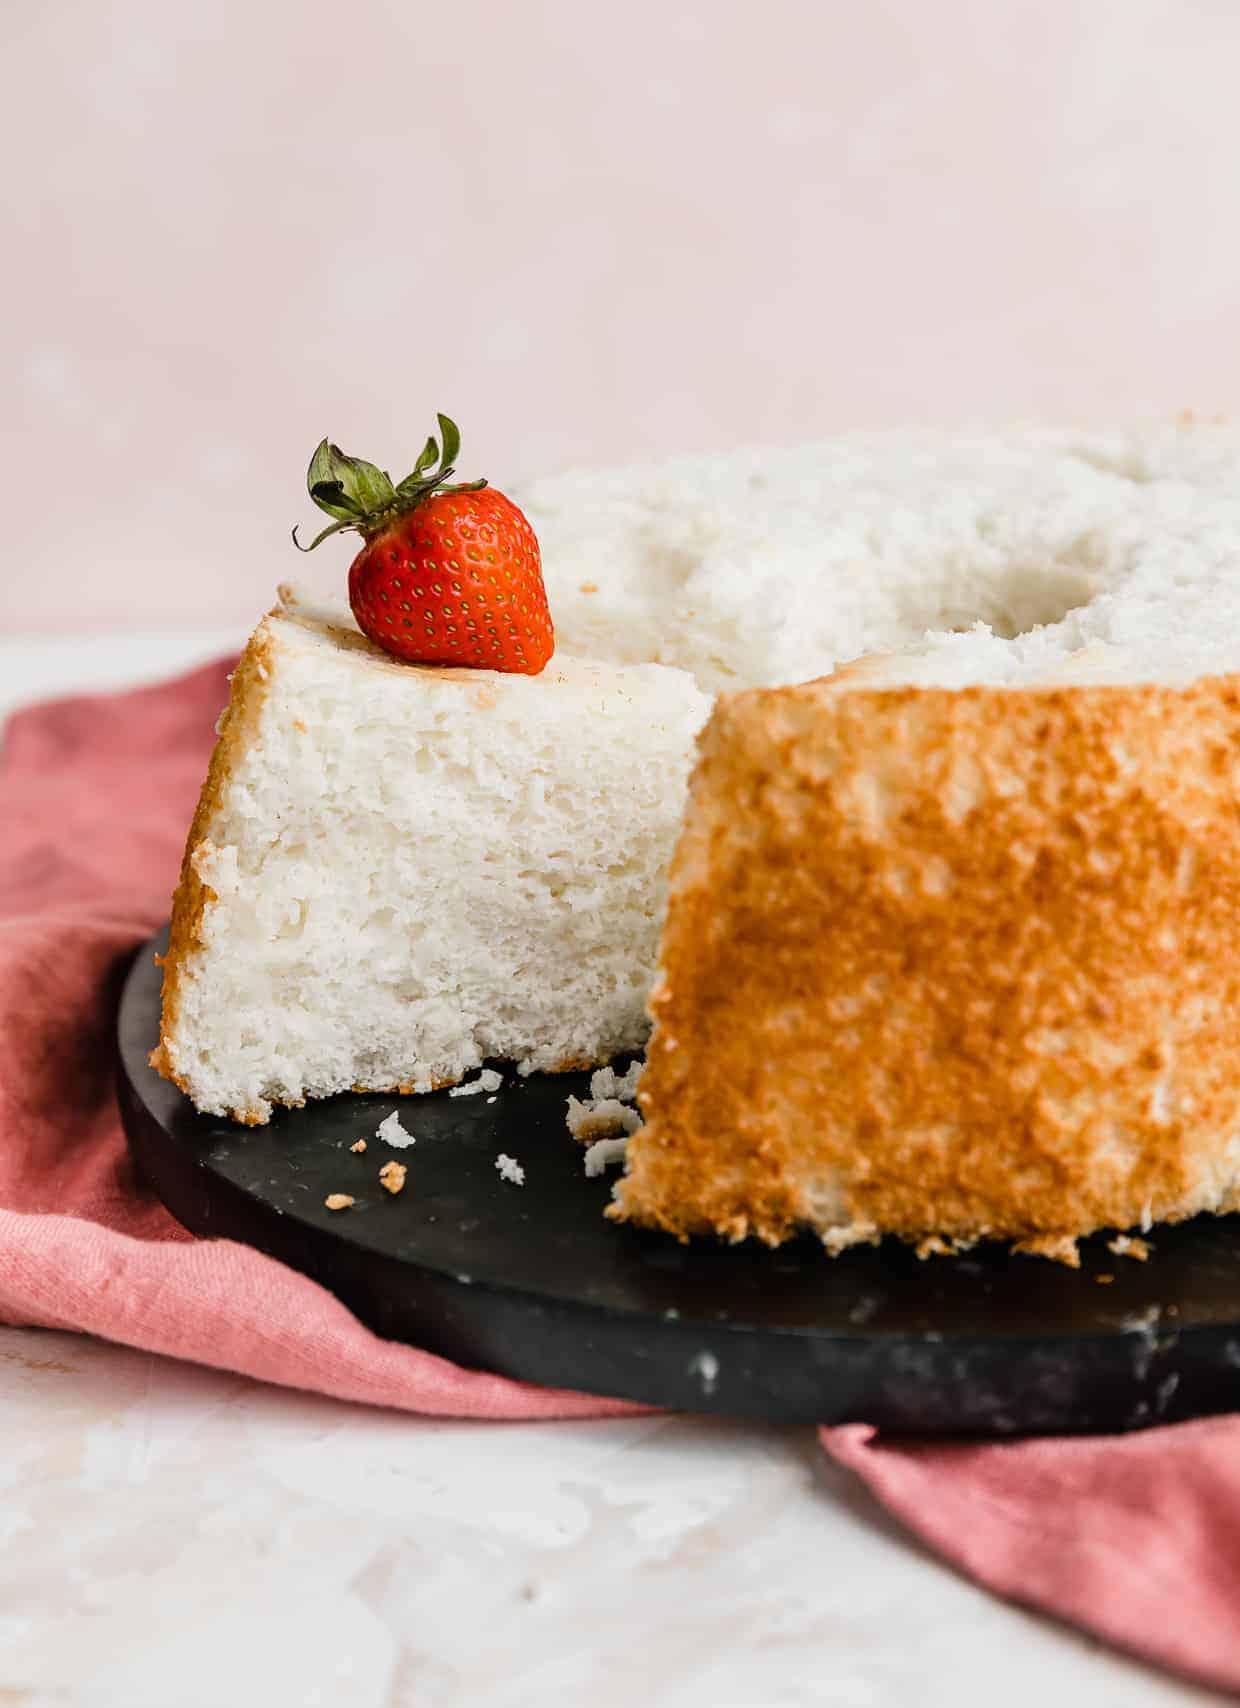 A homemade angel food cake on a black plate.